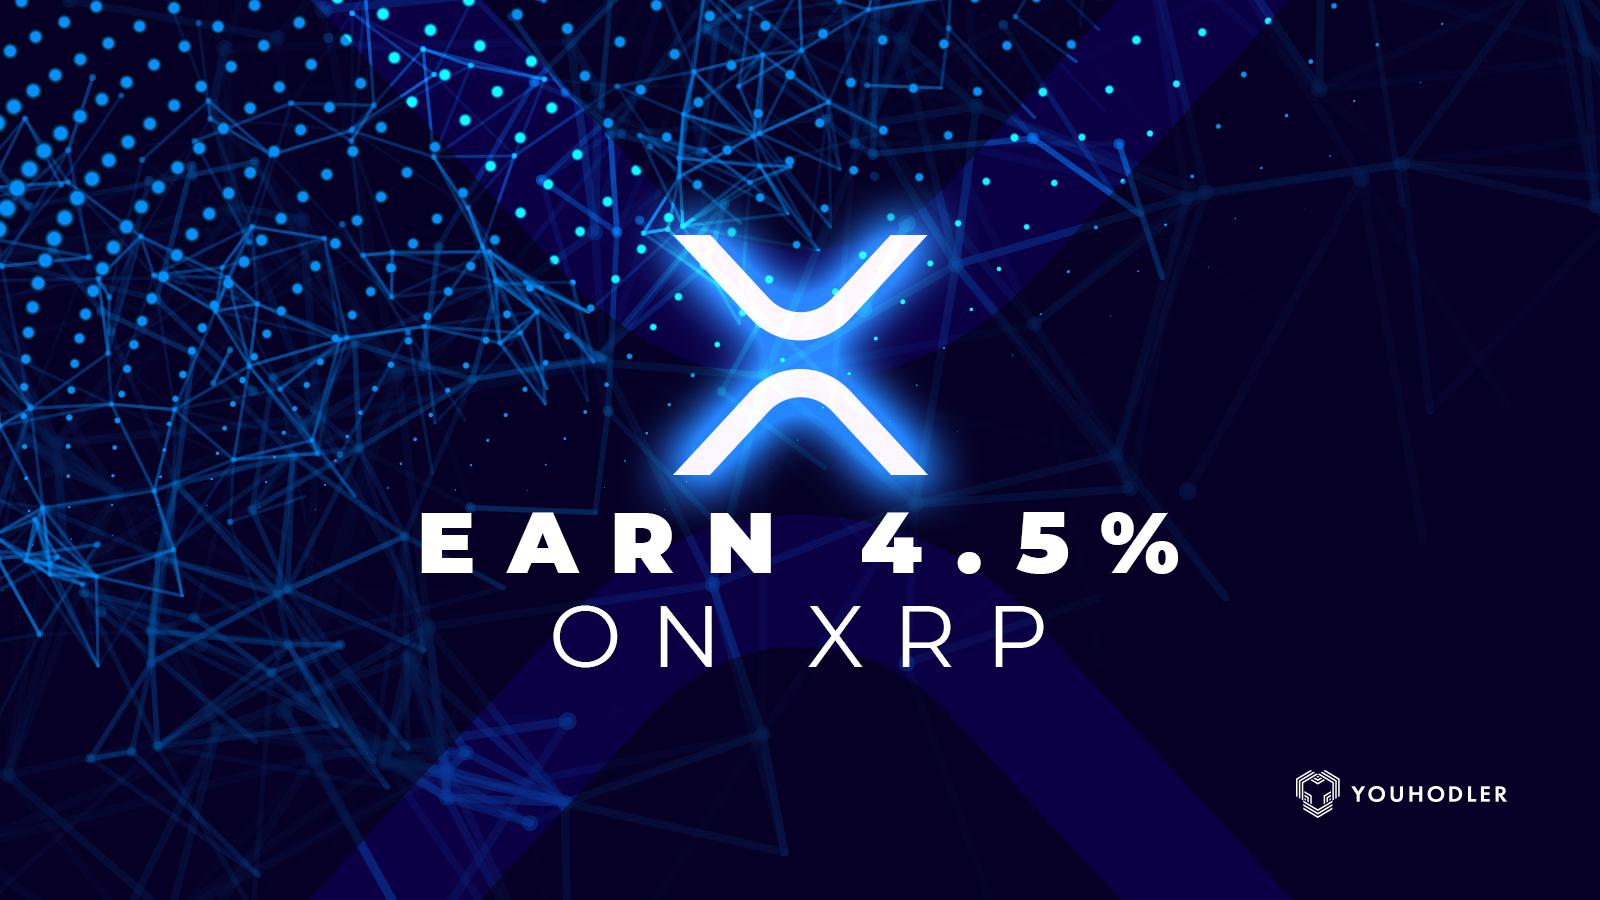 earn XRP, earn crypto, crypto earn, earn BTC, crypto interest